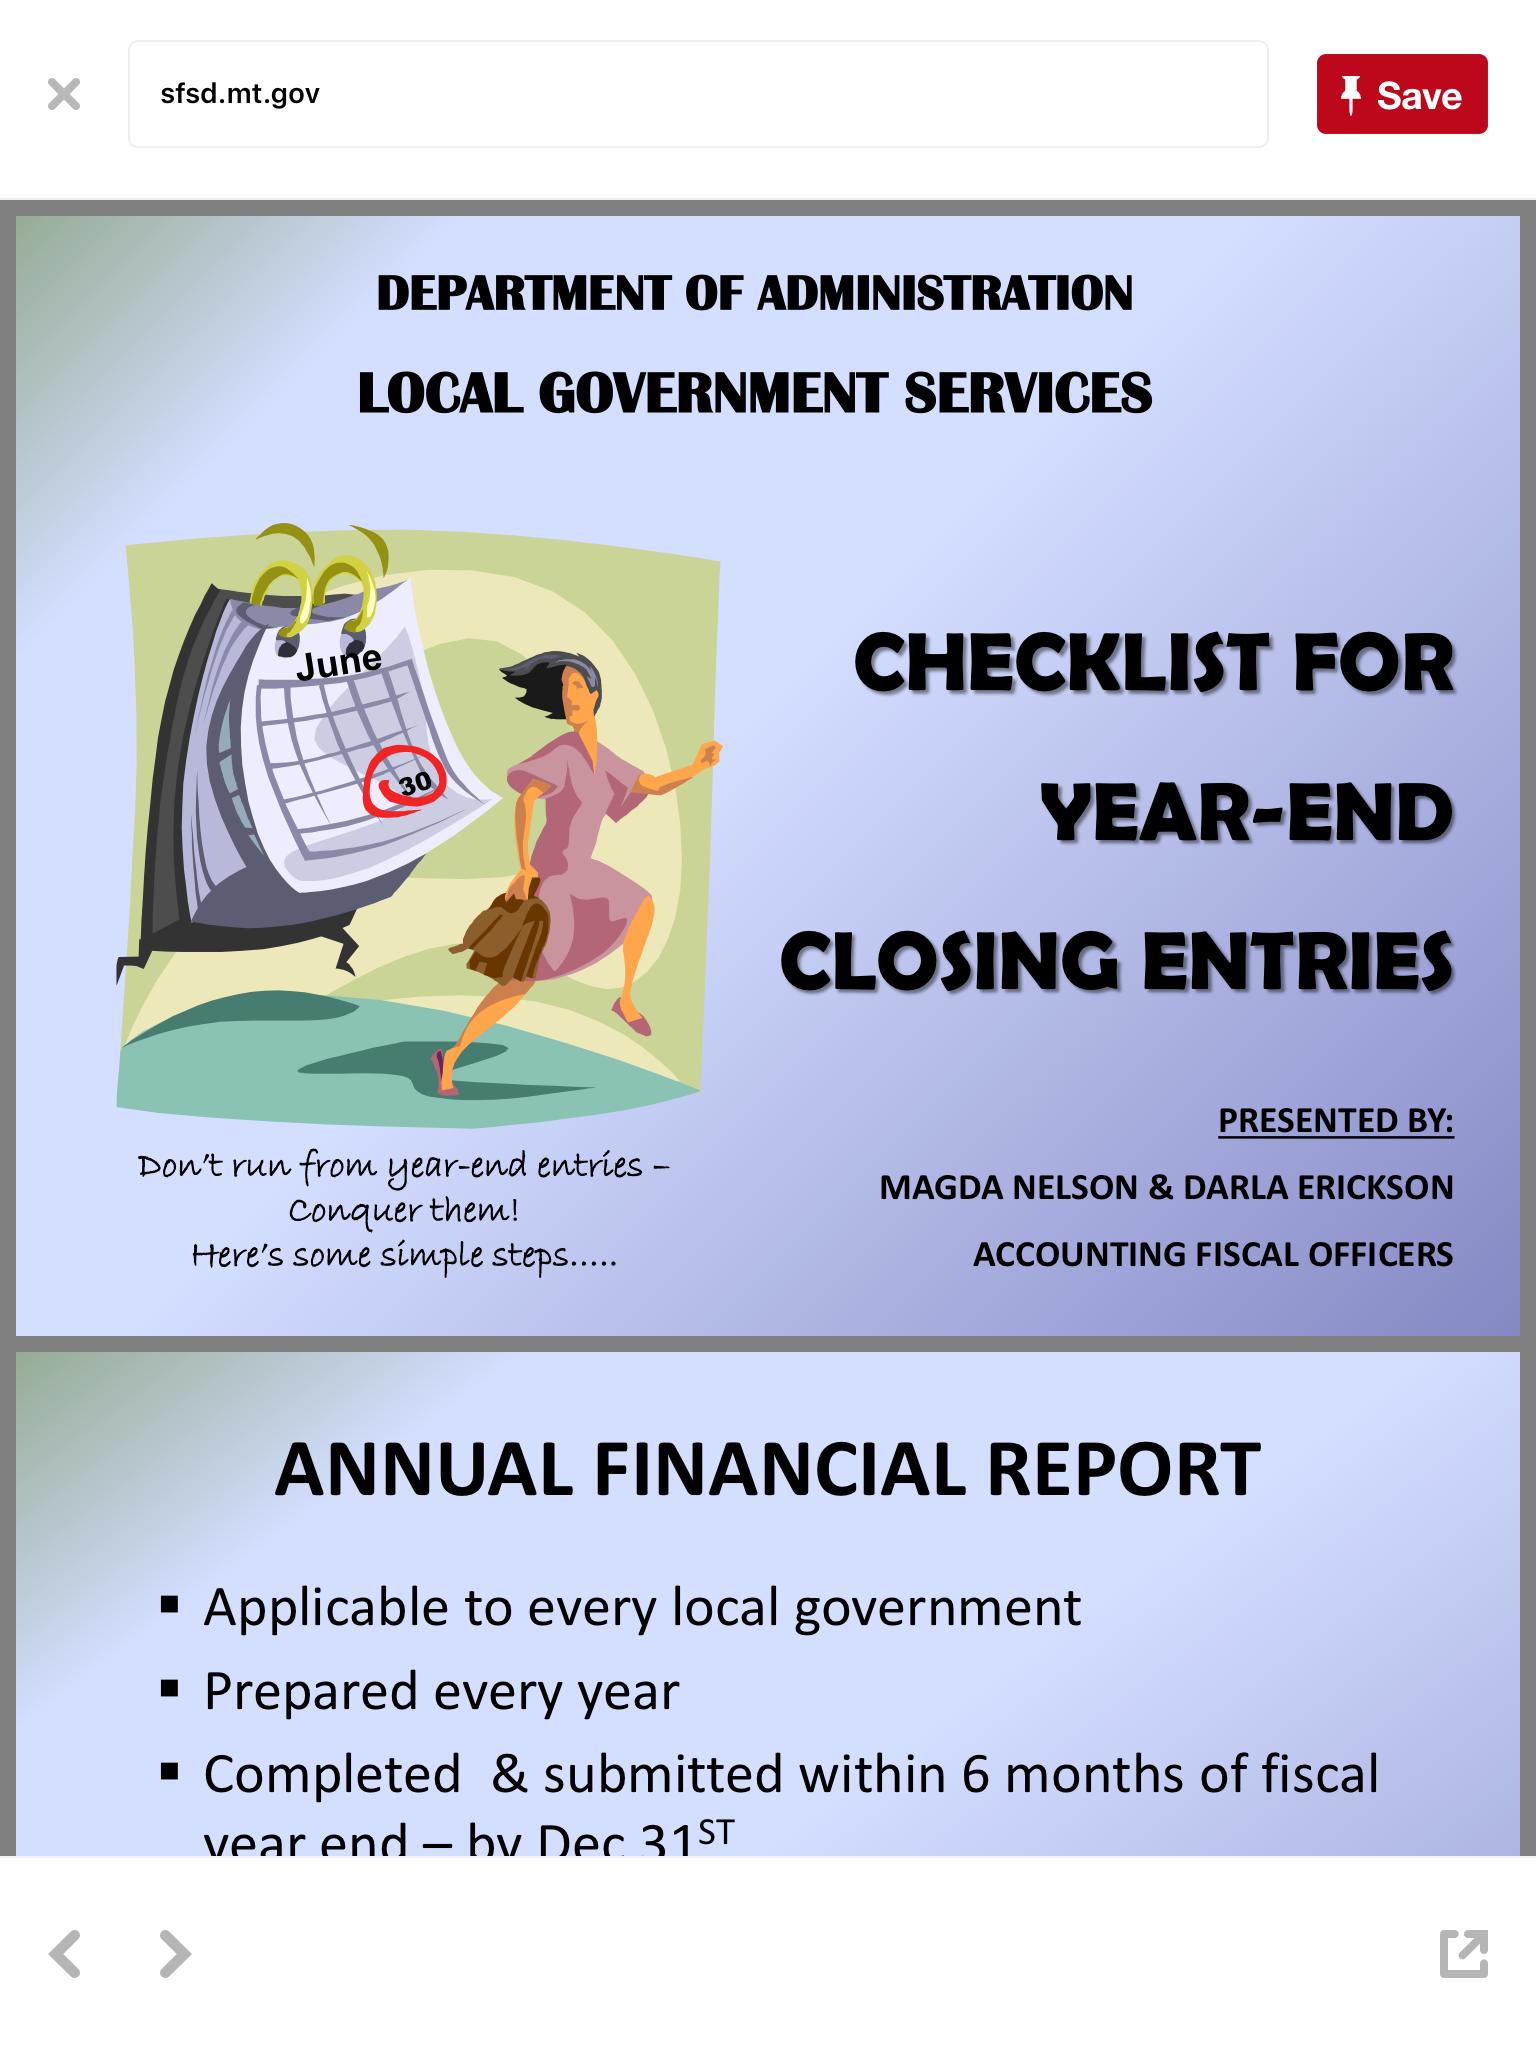 Closing Entries checklist | Accounting Tools | Tools, Accounting, Closer